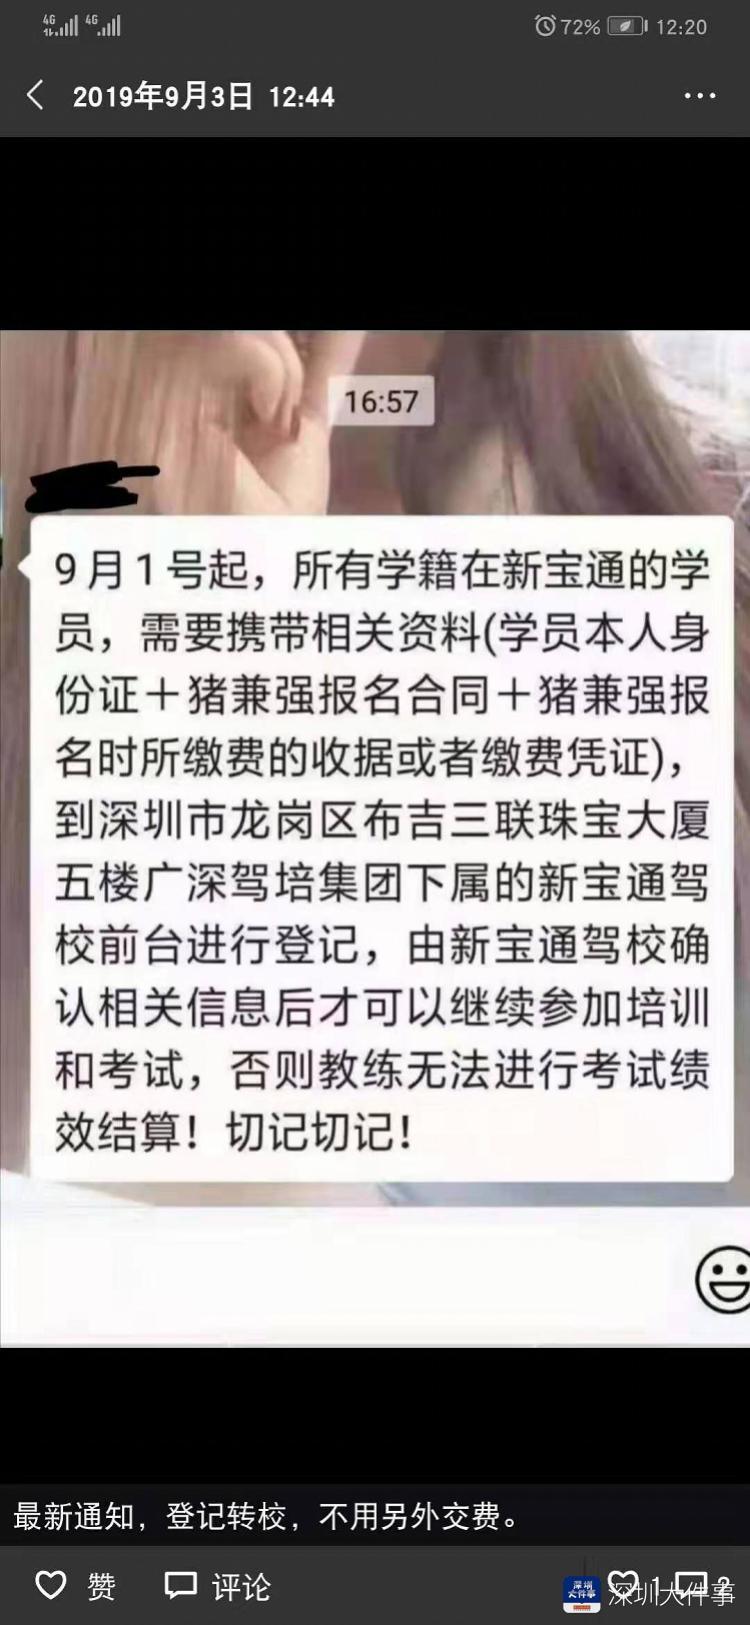 """深圳 """"猪兼强""""学员被转其他驾校学车,称后续学车还需缴费"""